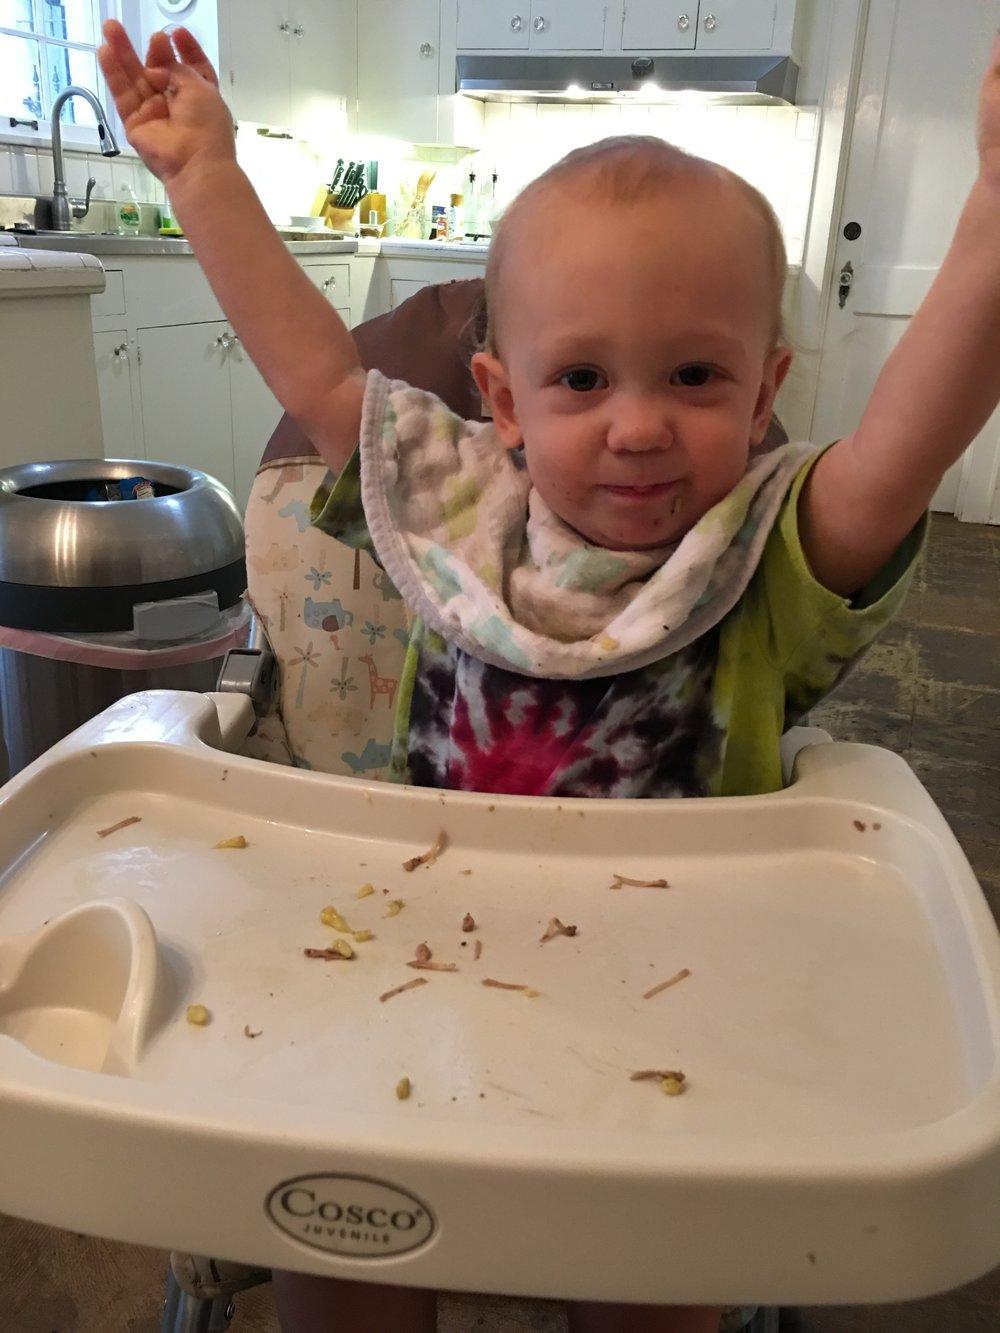 The kid loves jackfruit.